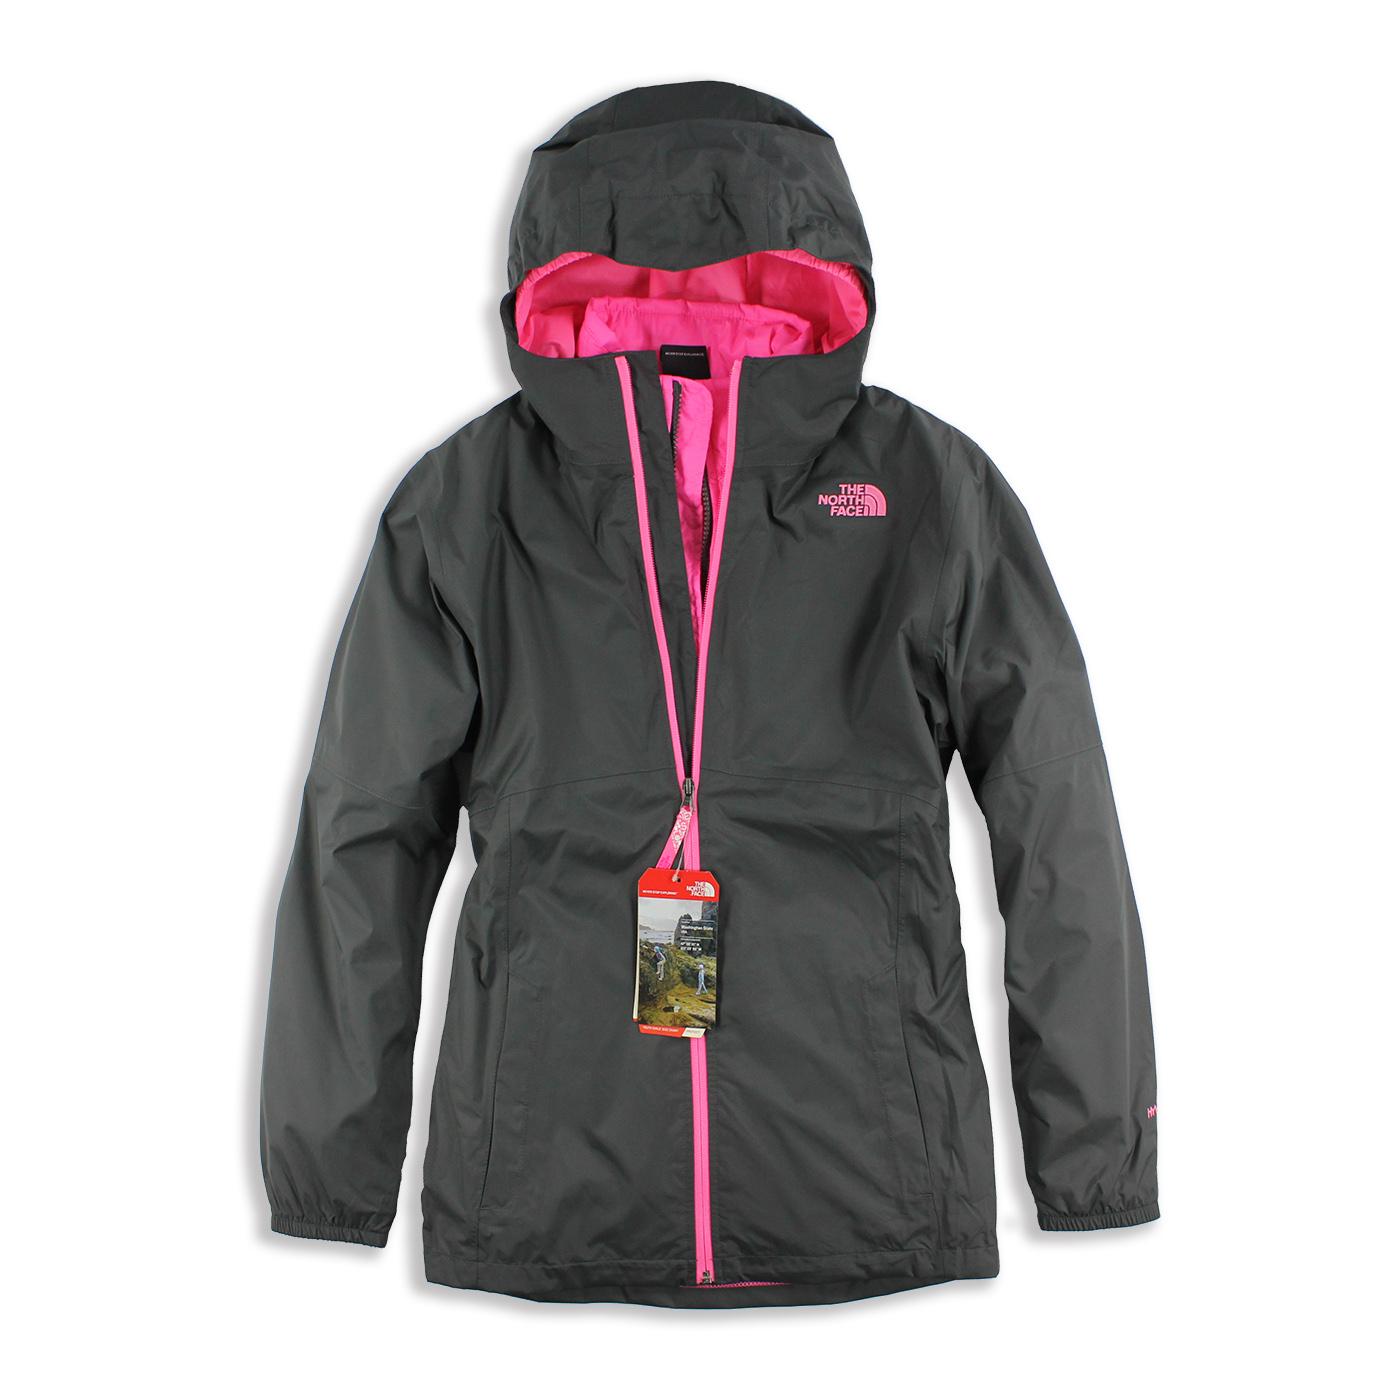 美國百分百【The North Face】防風 連帽 外套 TNF 保暖 夾克 兩件式 北臉 深灰 桃紅 女 XS號 G325